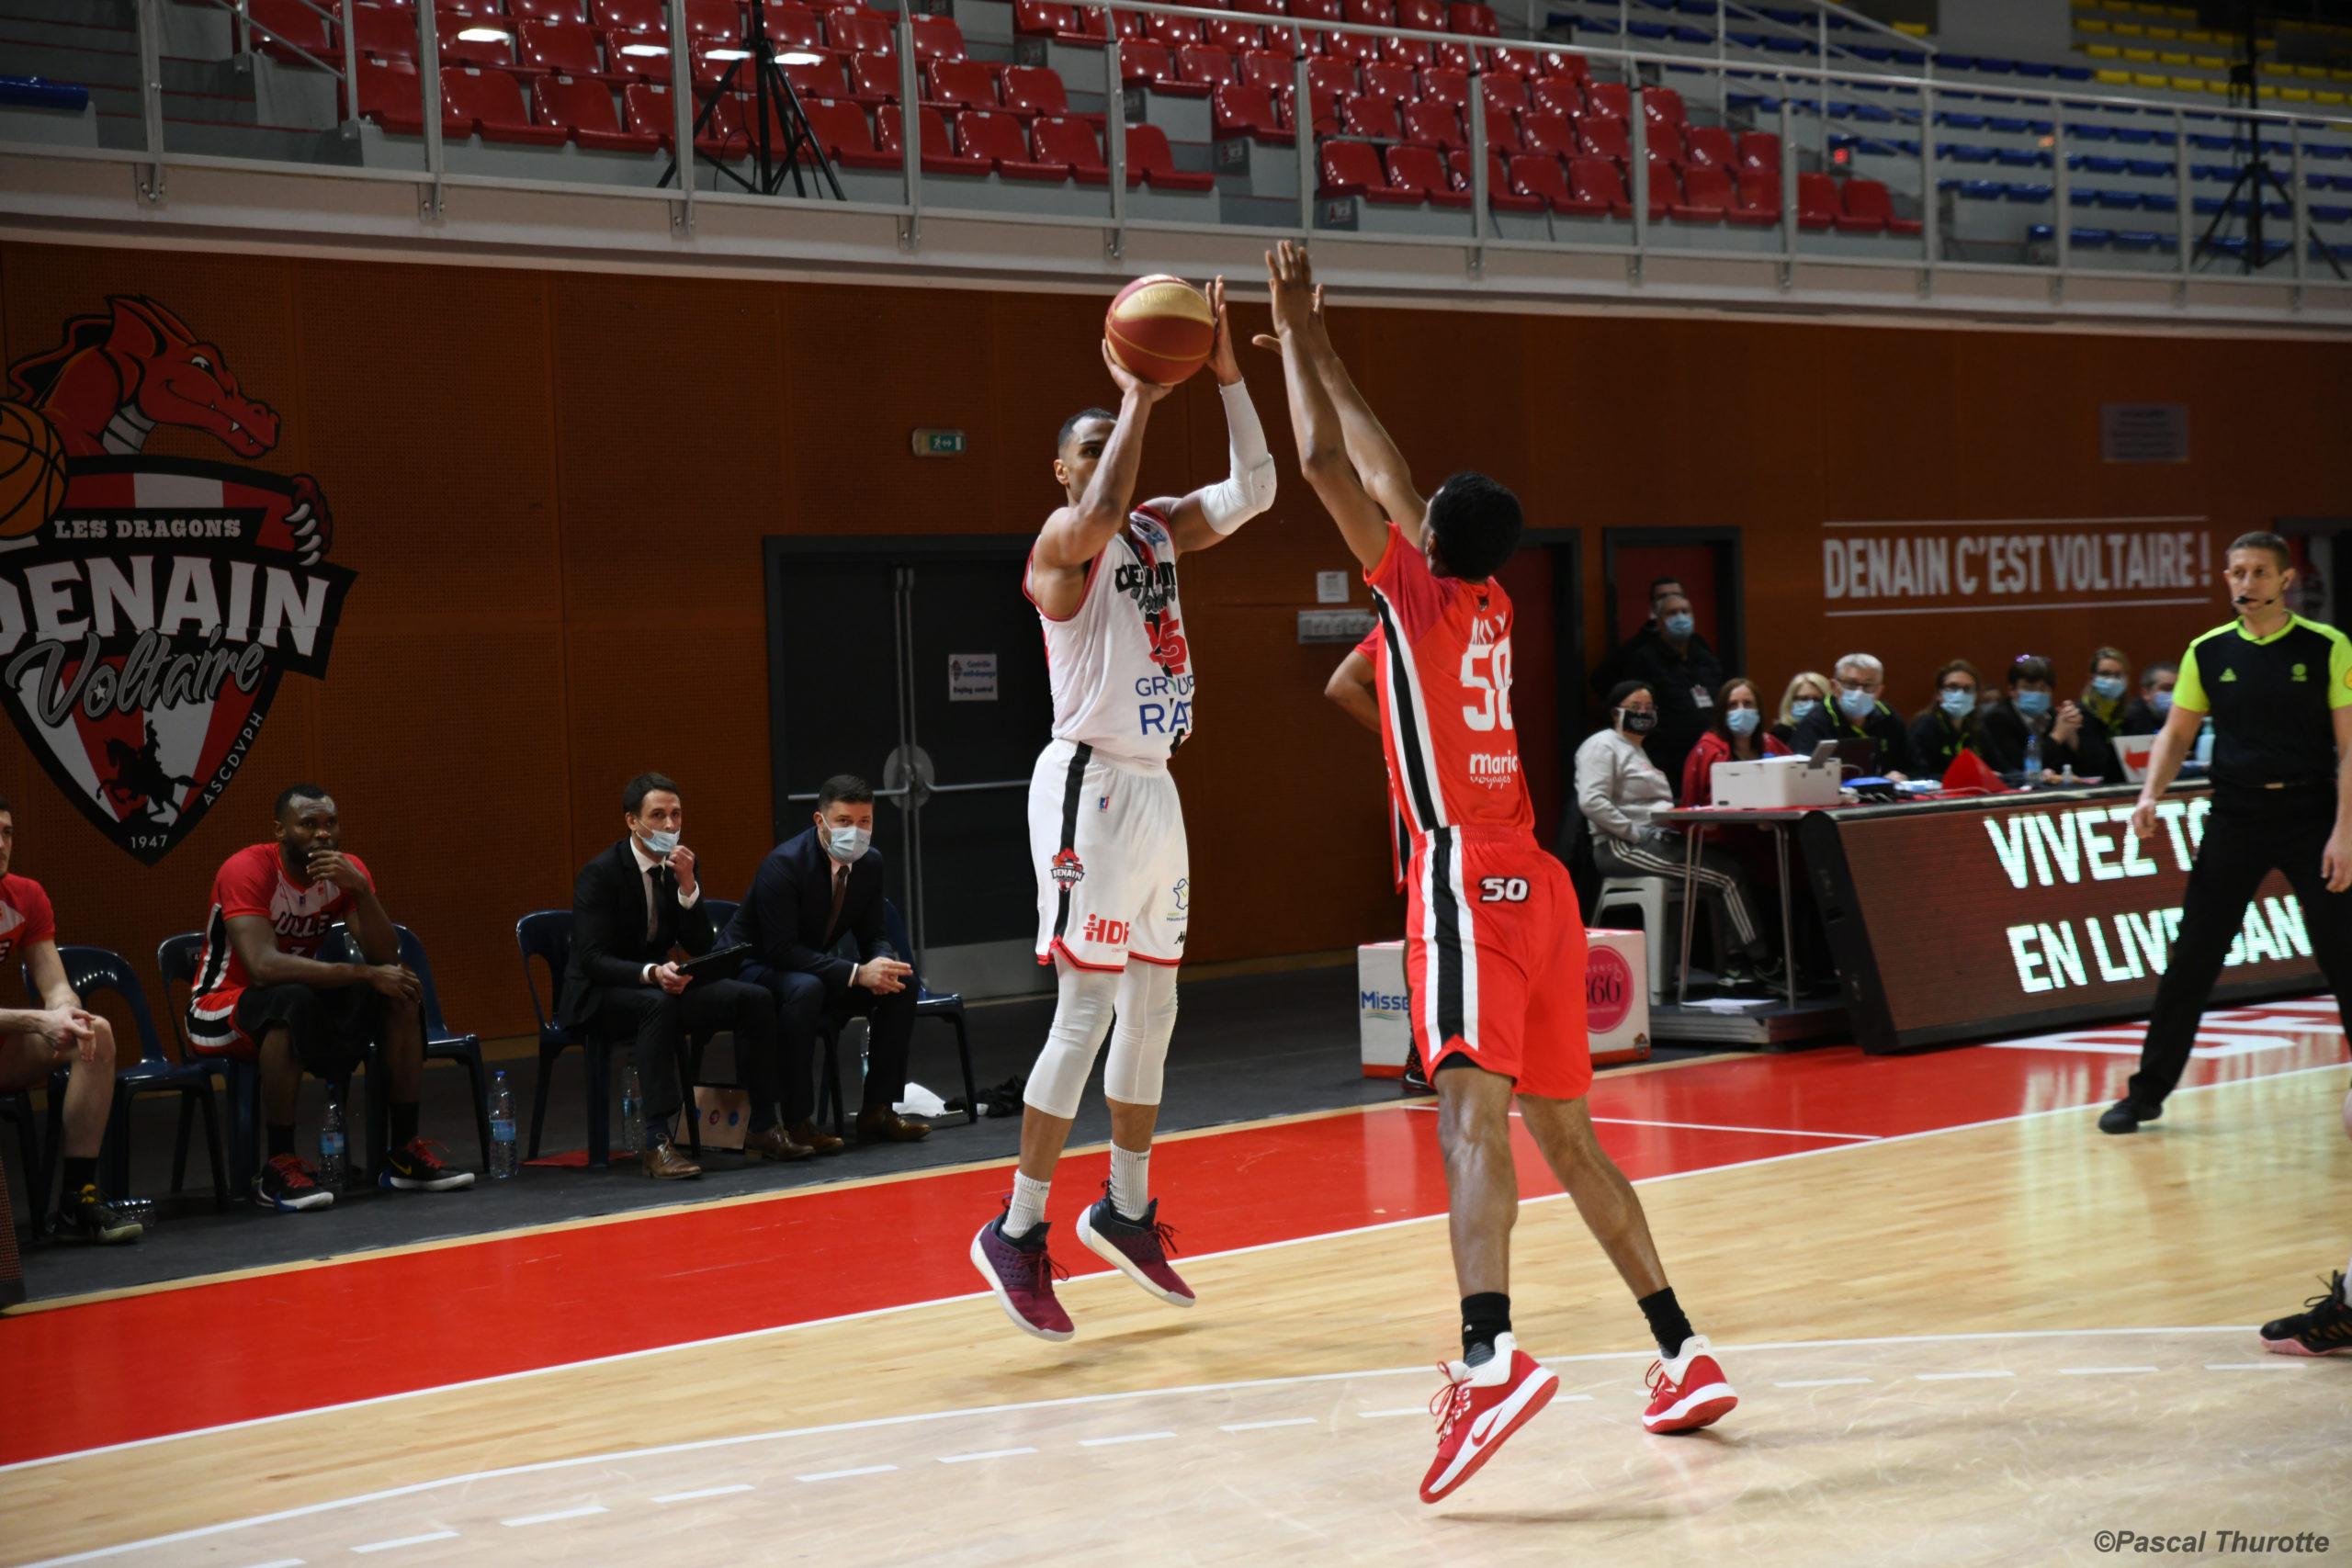 Retour sur le match : Denain Voltaire / Lille Métropole Basket